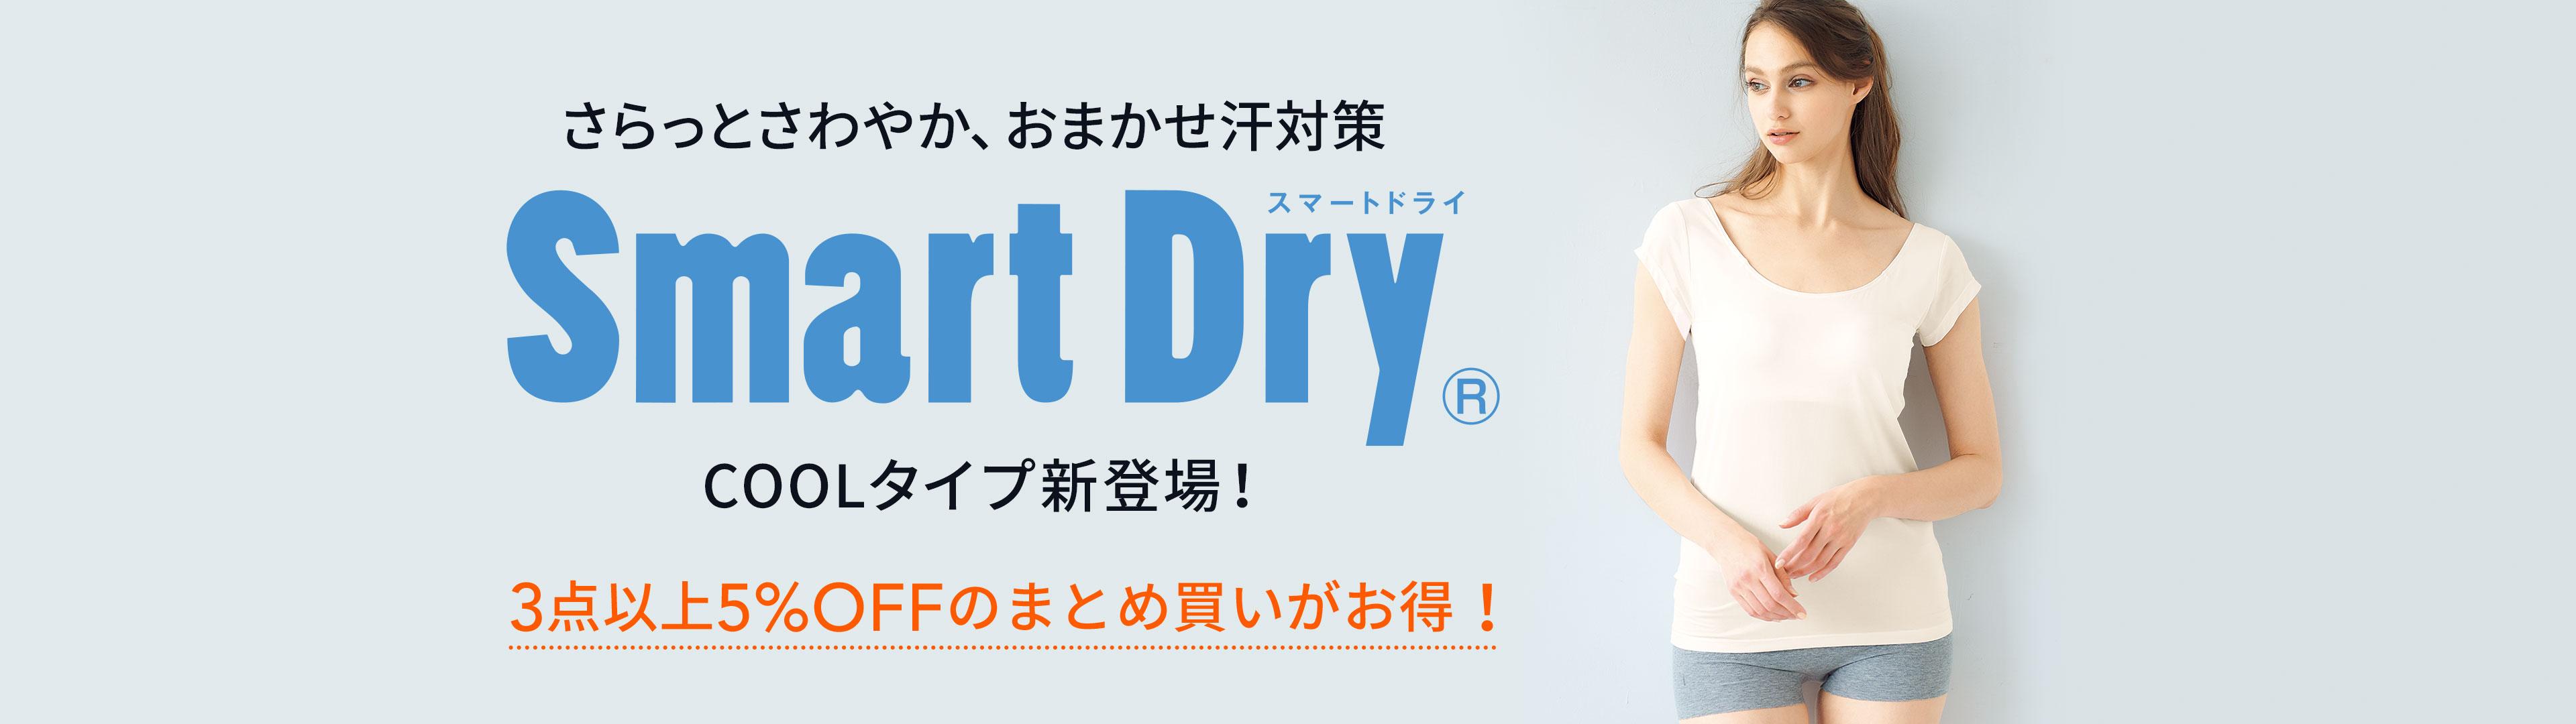 吸汗・速乾インナーSmart Dry(スマートドライ)